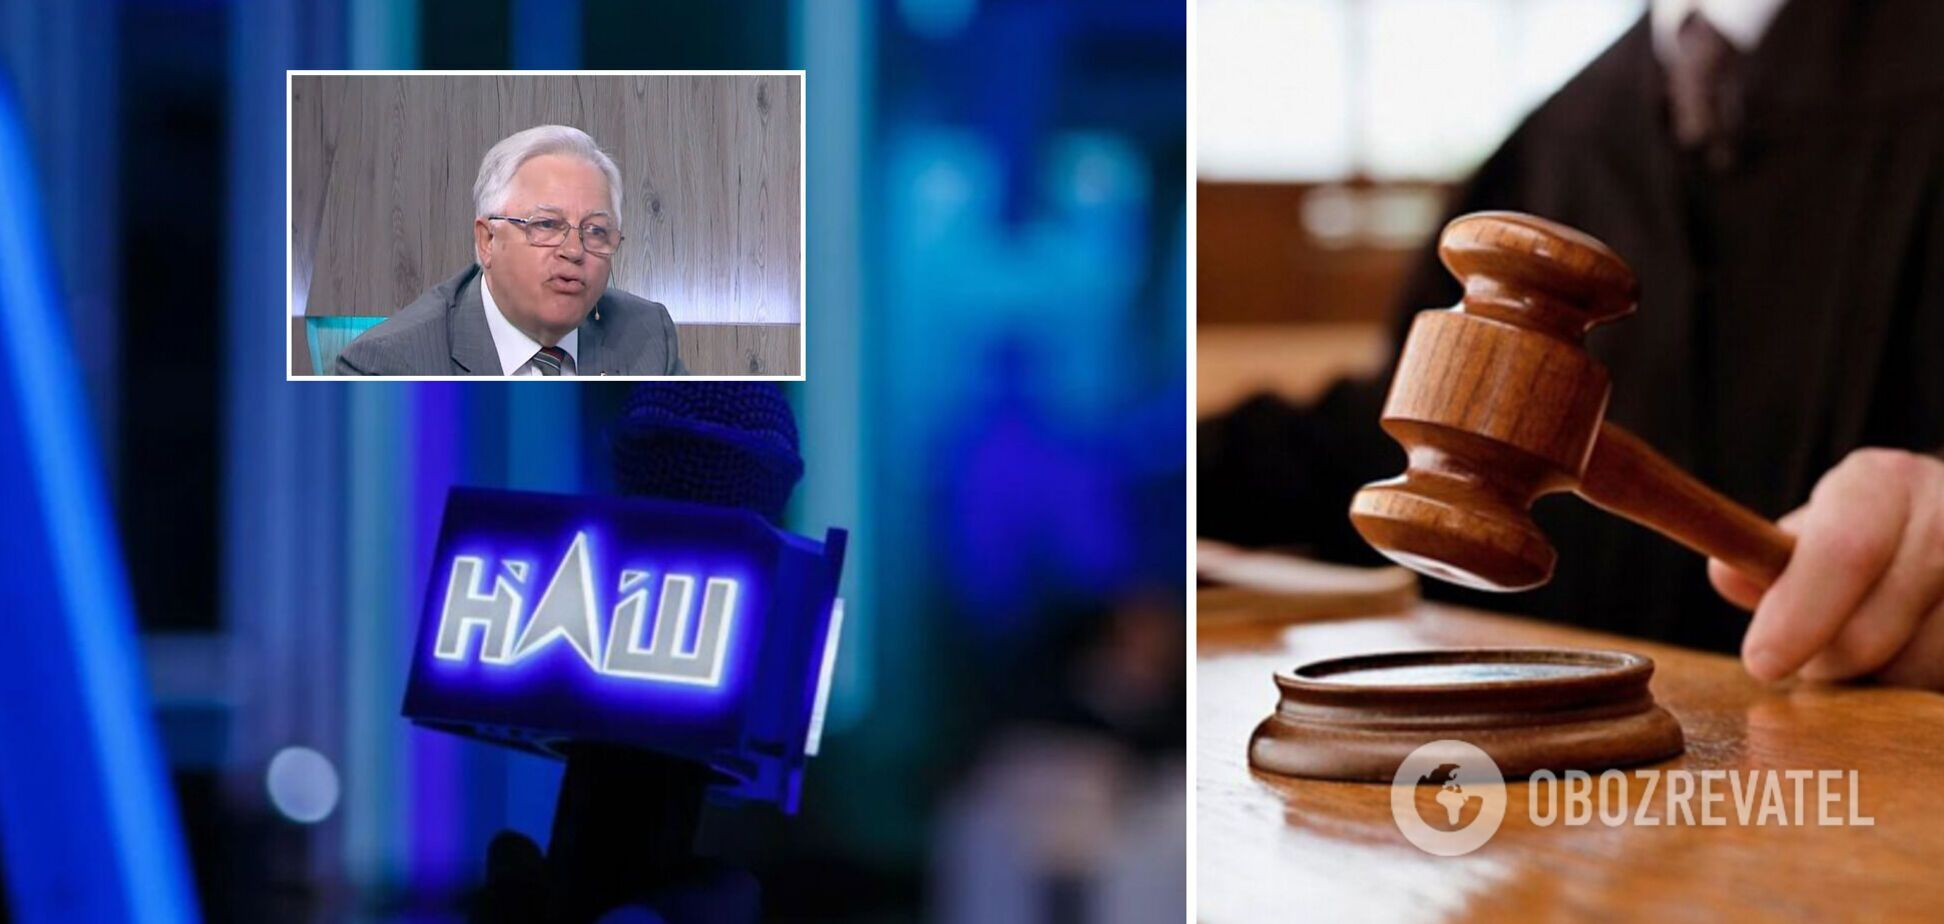 Суд открыл производство по иску об аннулировании лицензии канала 'НАШ'